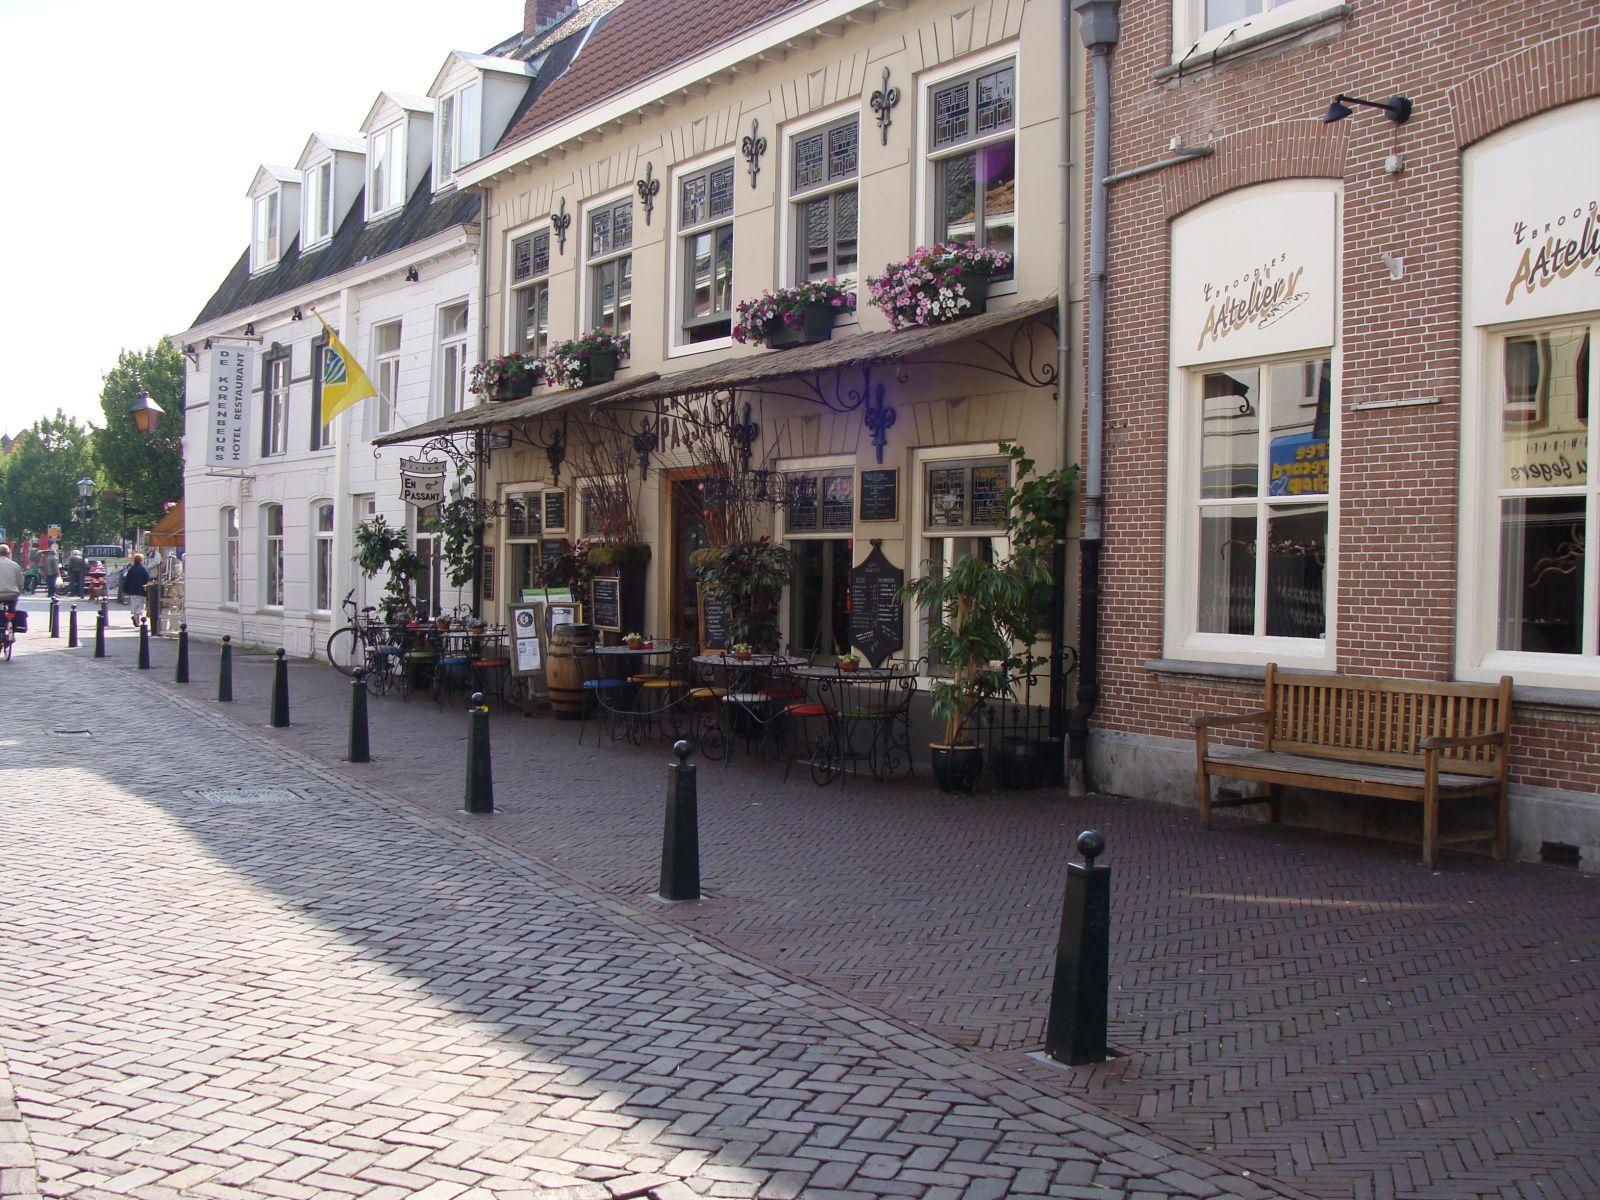 https://www.siersmederijpladdet.nl/wp-content/uploads/2020/11/en-passant-1.jpg